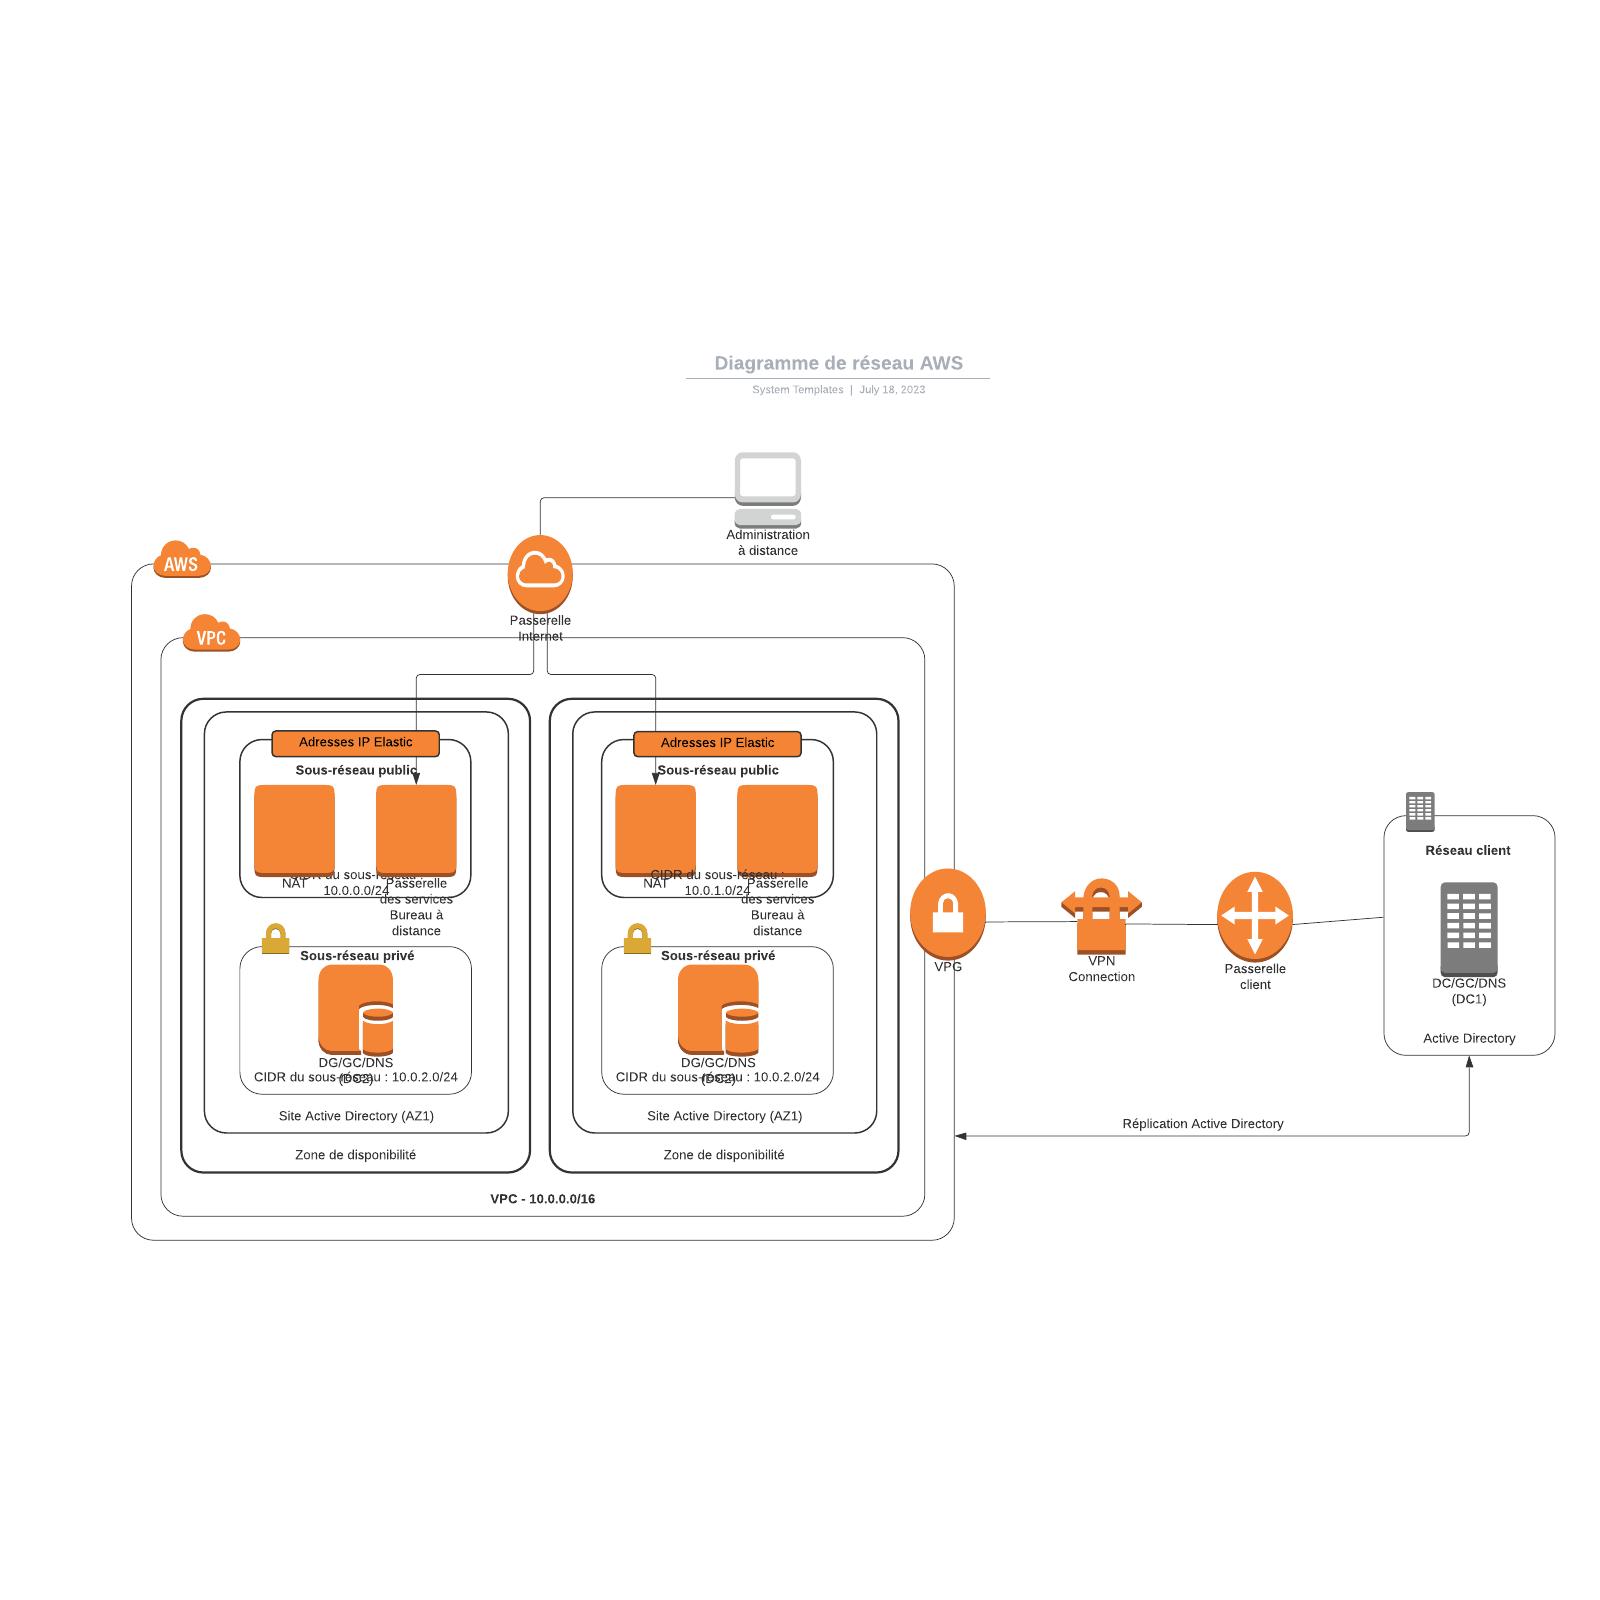 exemple de diagramme de réseau AWS